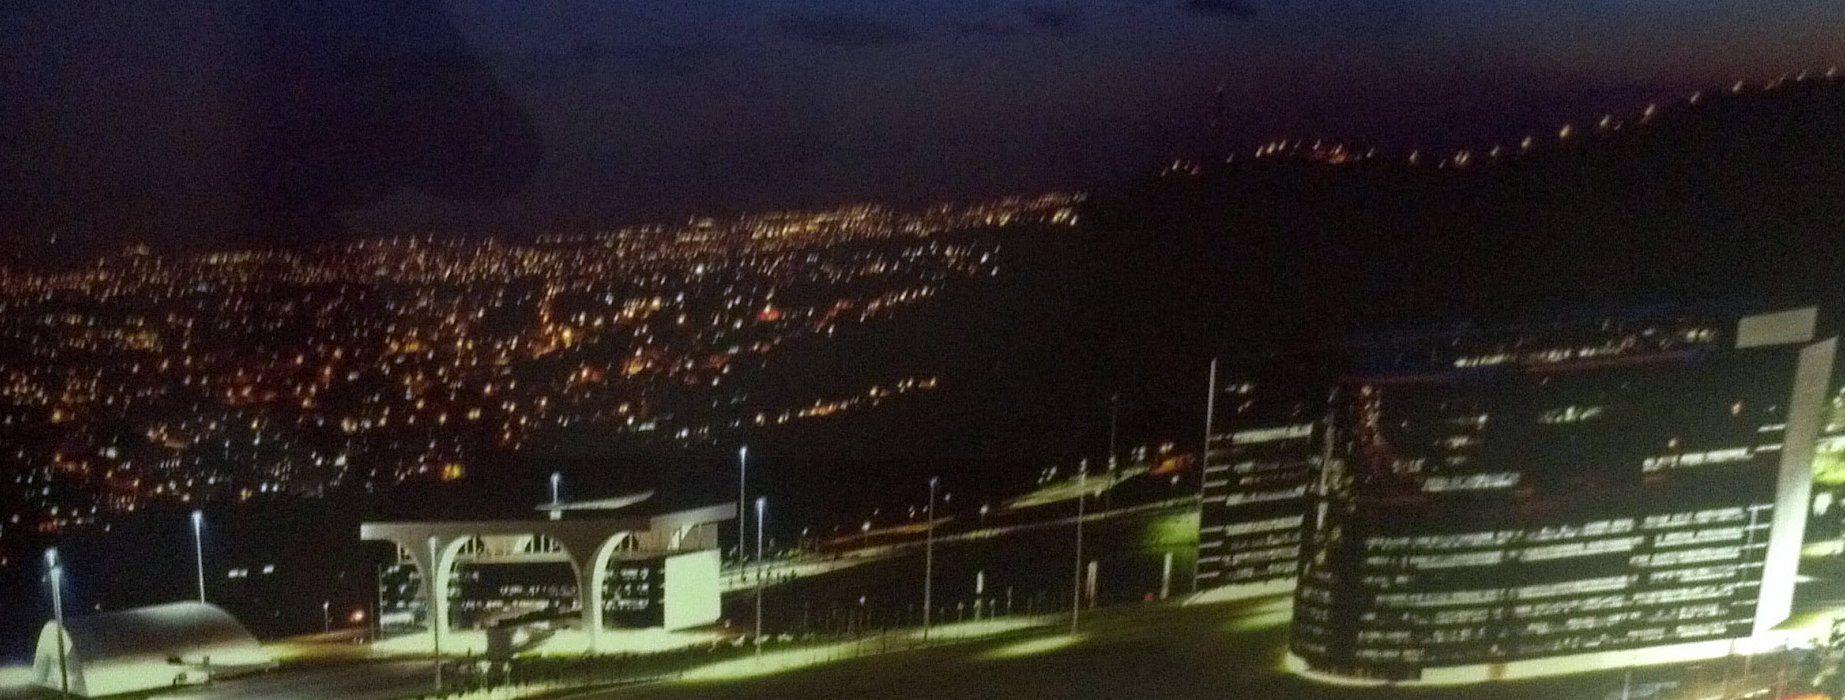 Cidade Administrativa Presidente Tancredo Neves - Belo Horizonte - MG